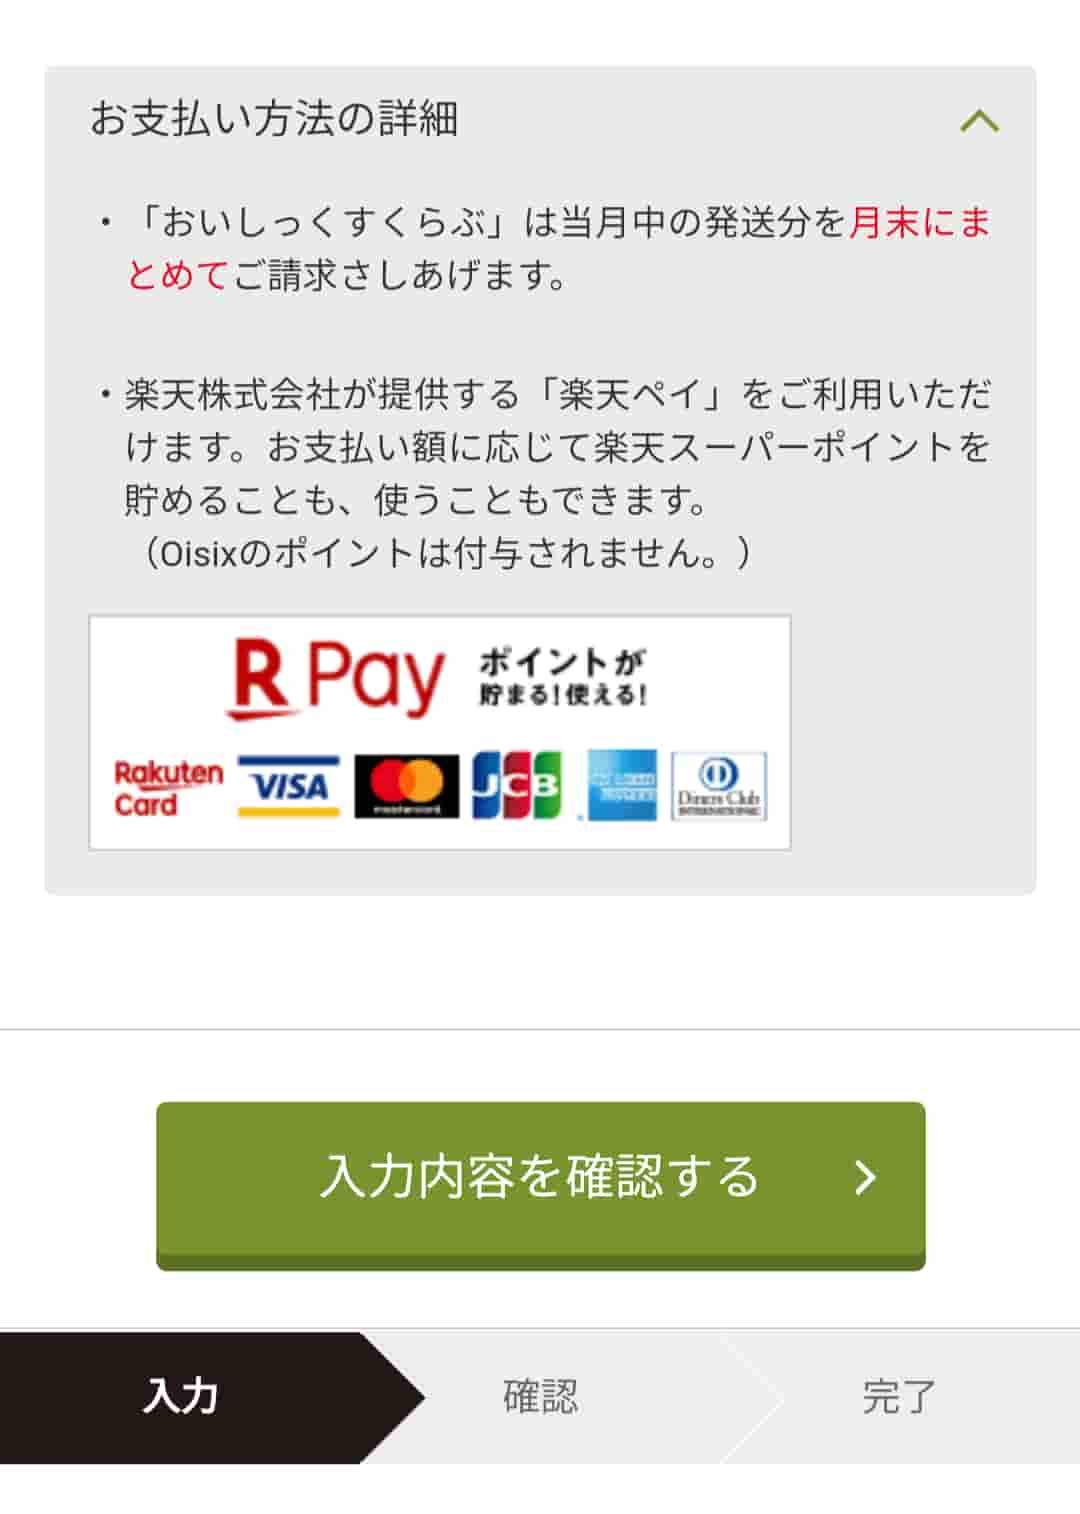 オイシックス支払い方法詳細画面